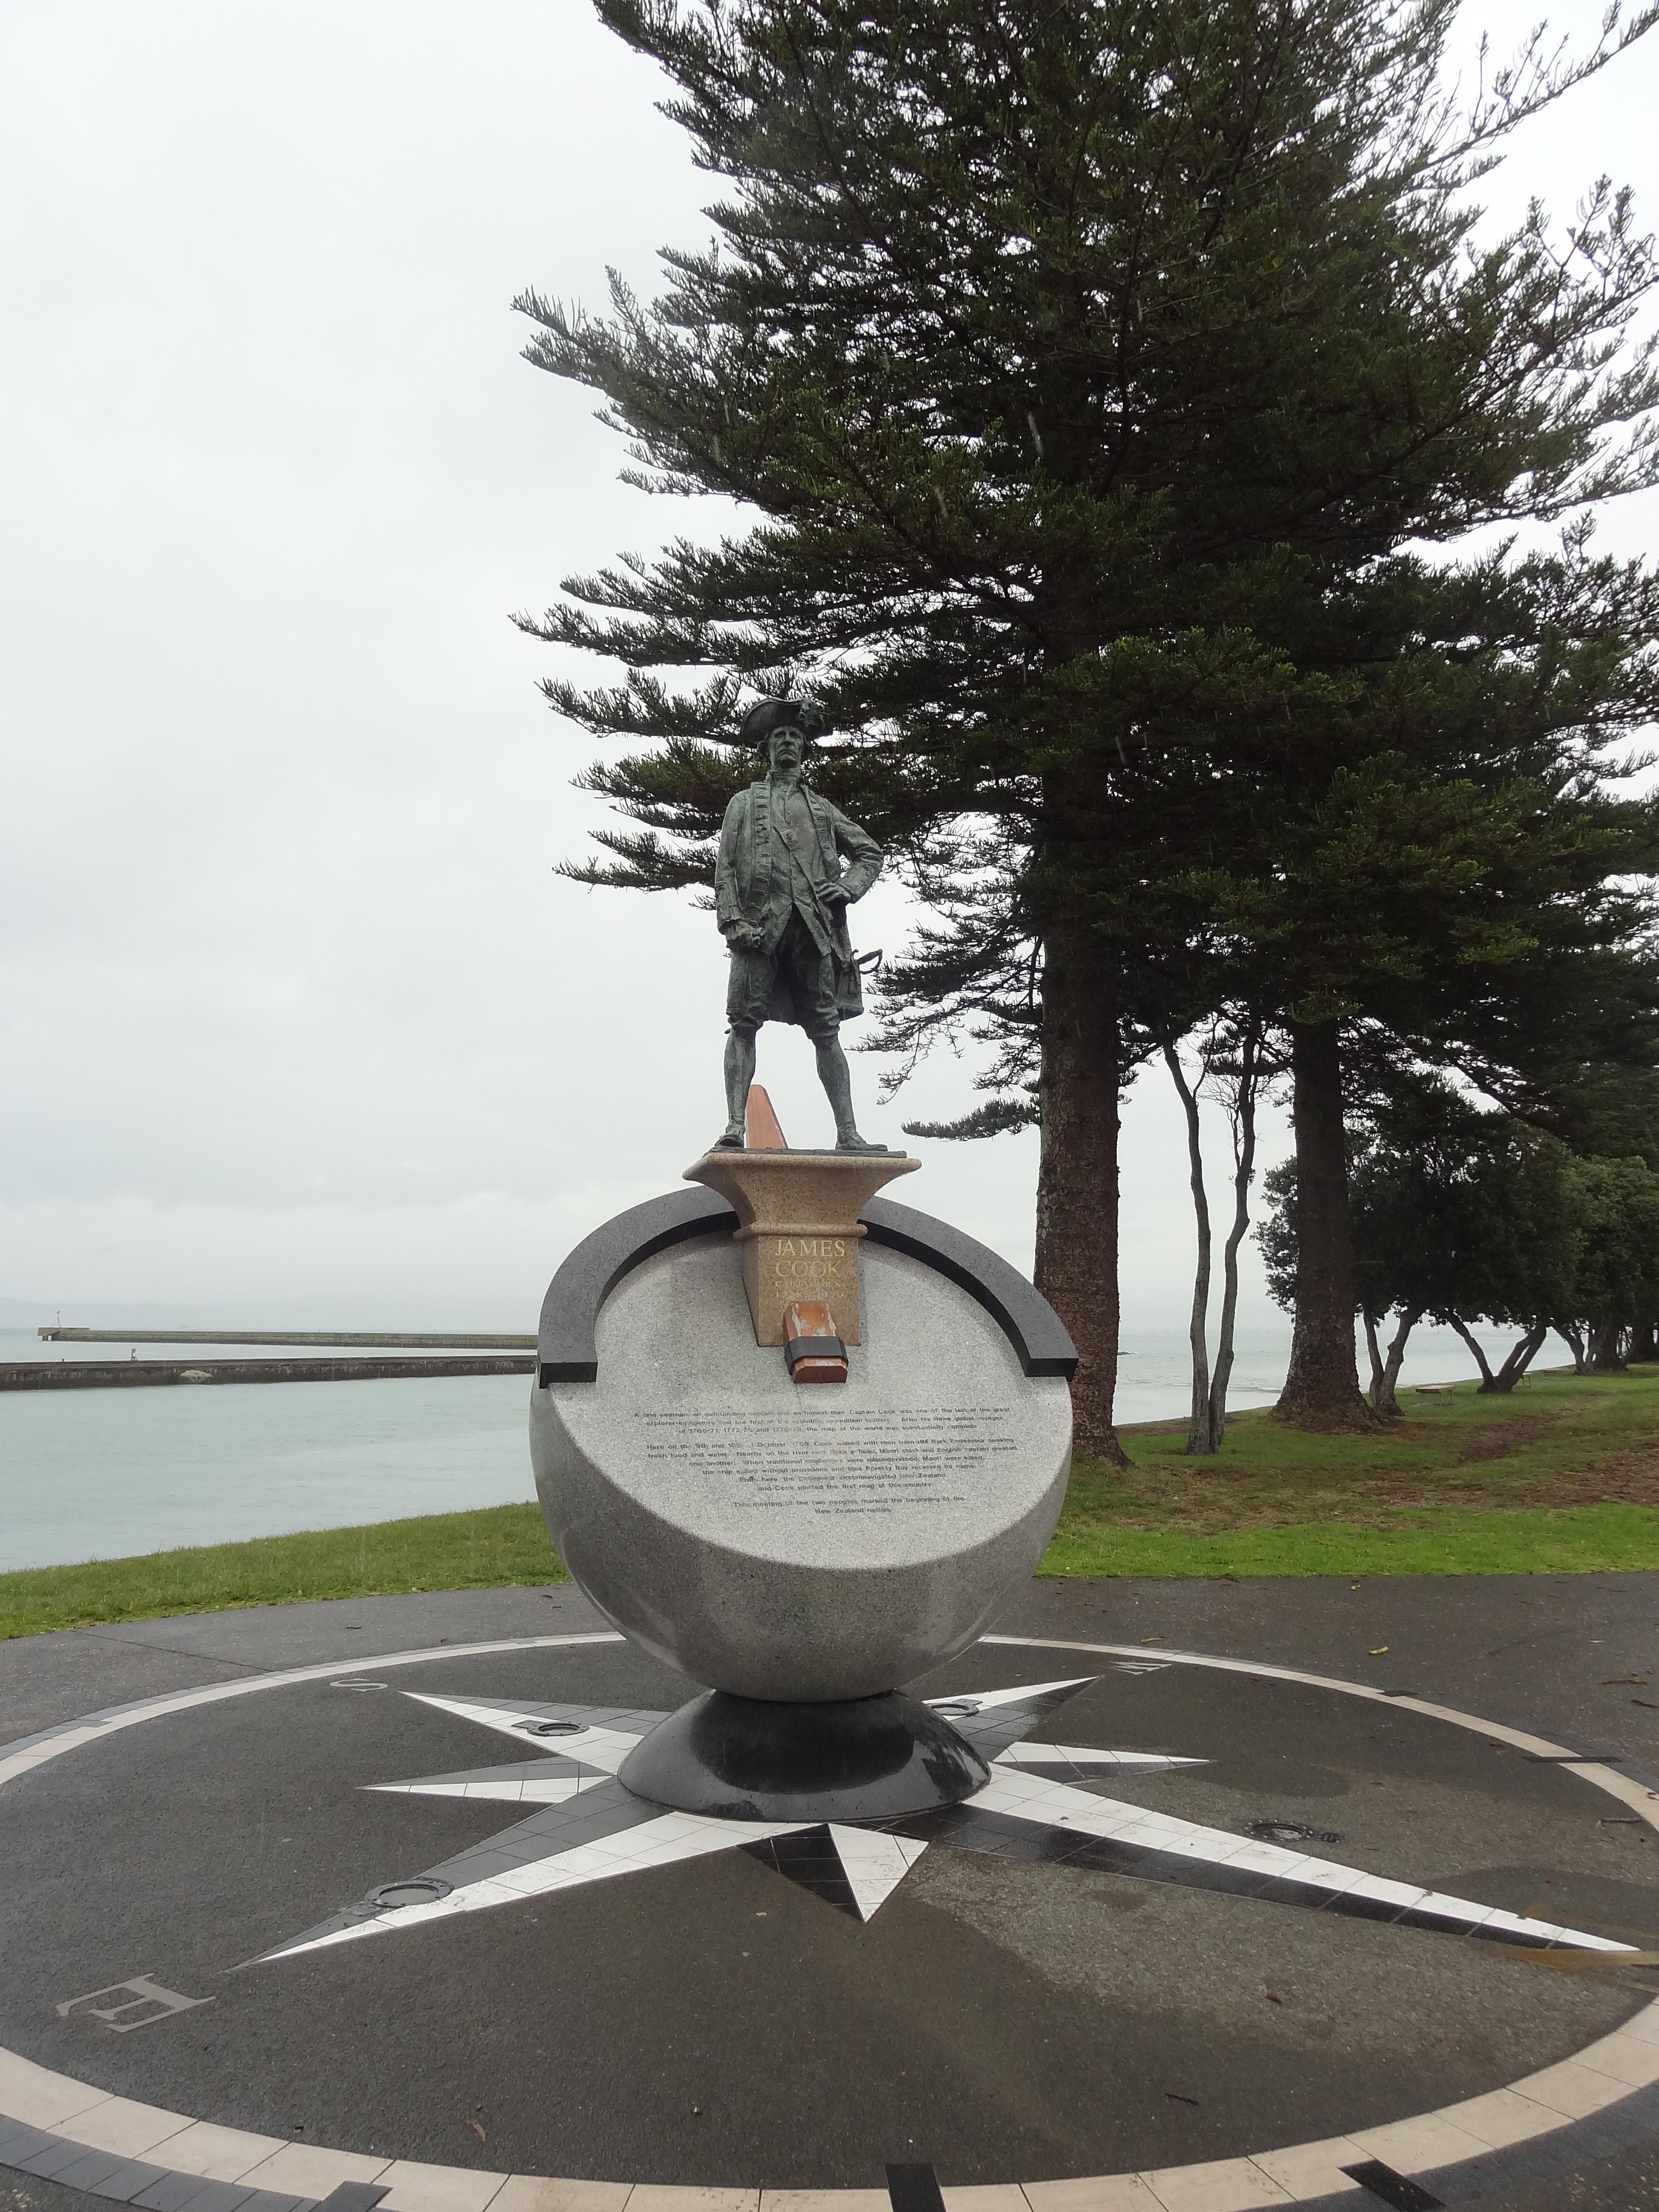 Memorial to Captain James Cook